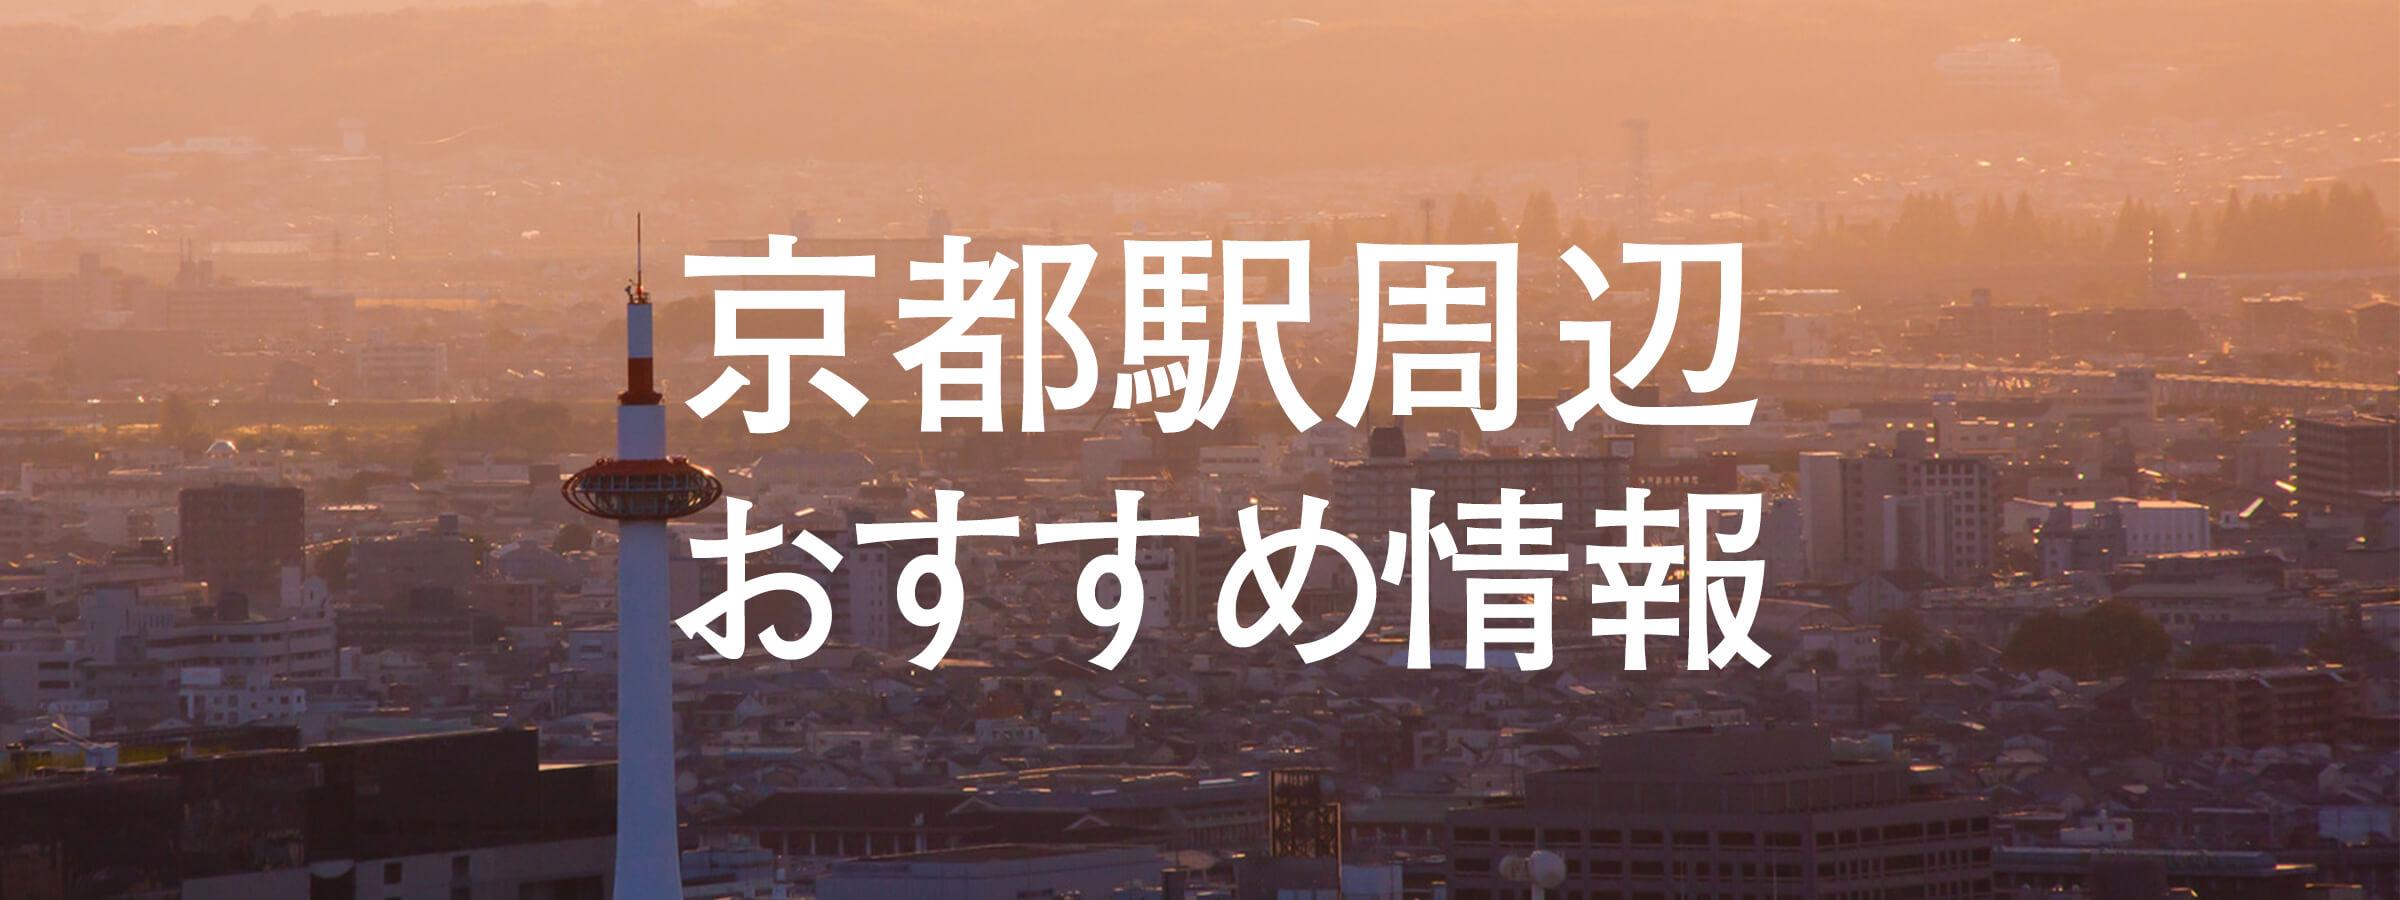 京都駅周辺のおすすめ情報!京都の情報誌が厳選してご紹介